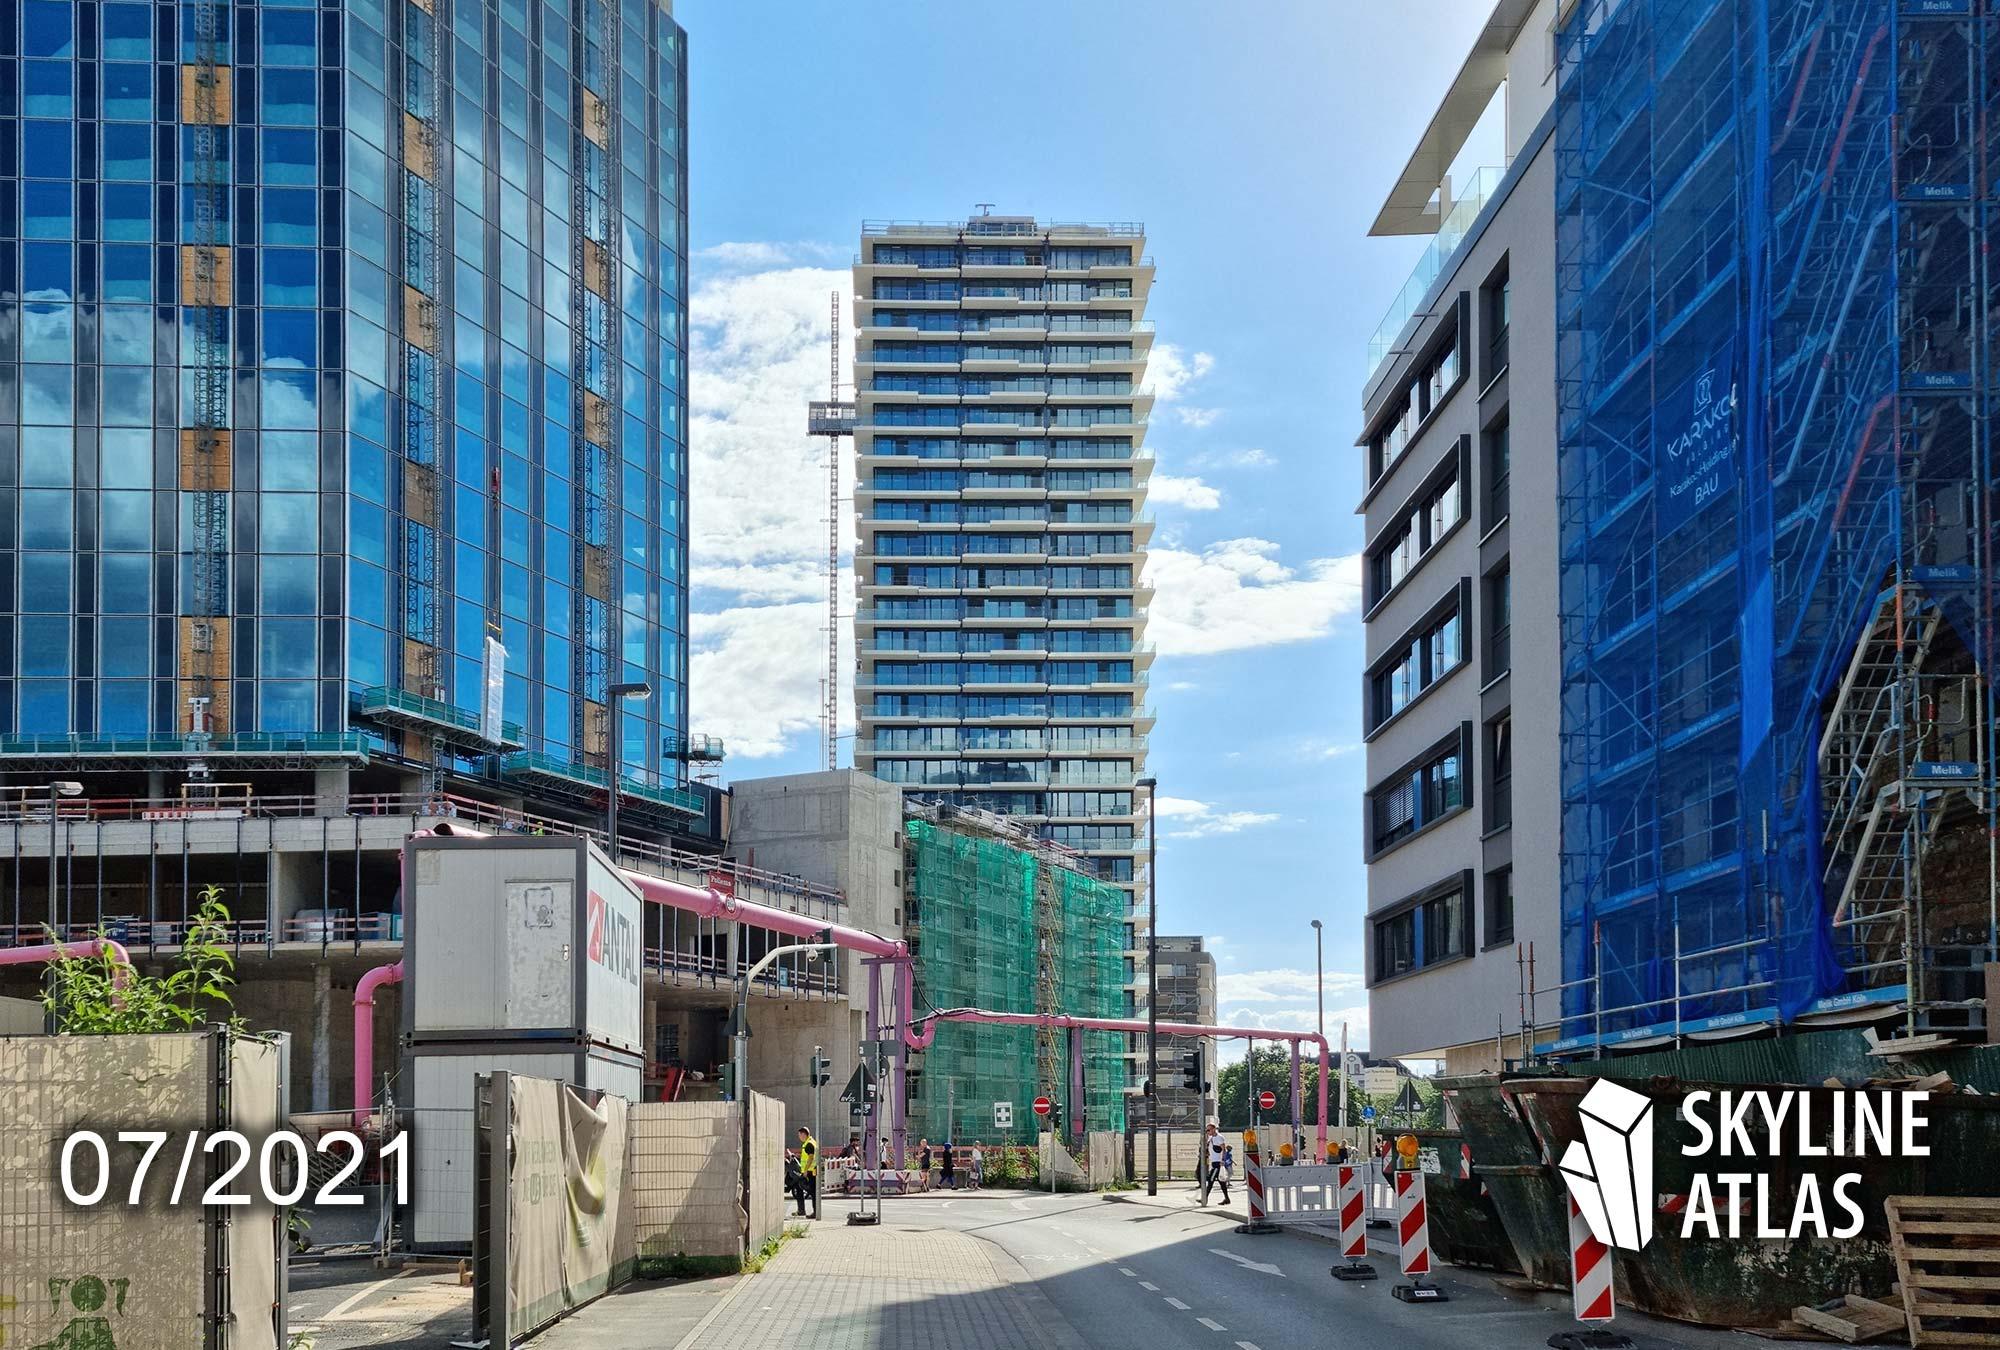 Eden Tower Frankfurt Wohnungen - Eden Tower Eigentumswohnungen - Baustelle Juli 2021